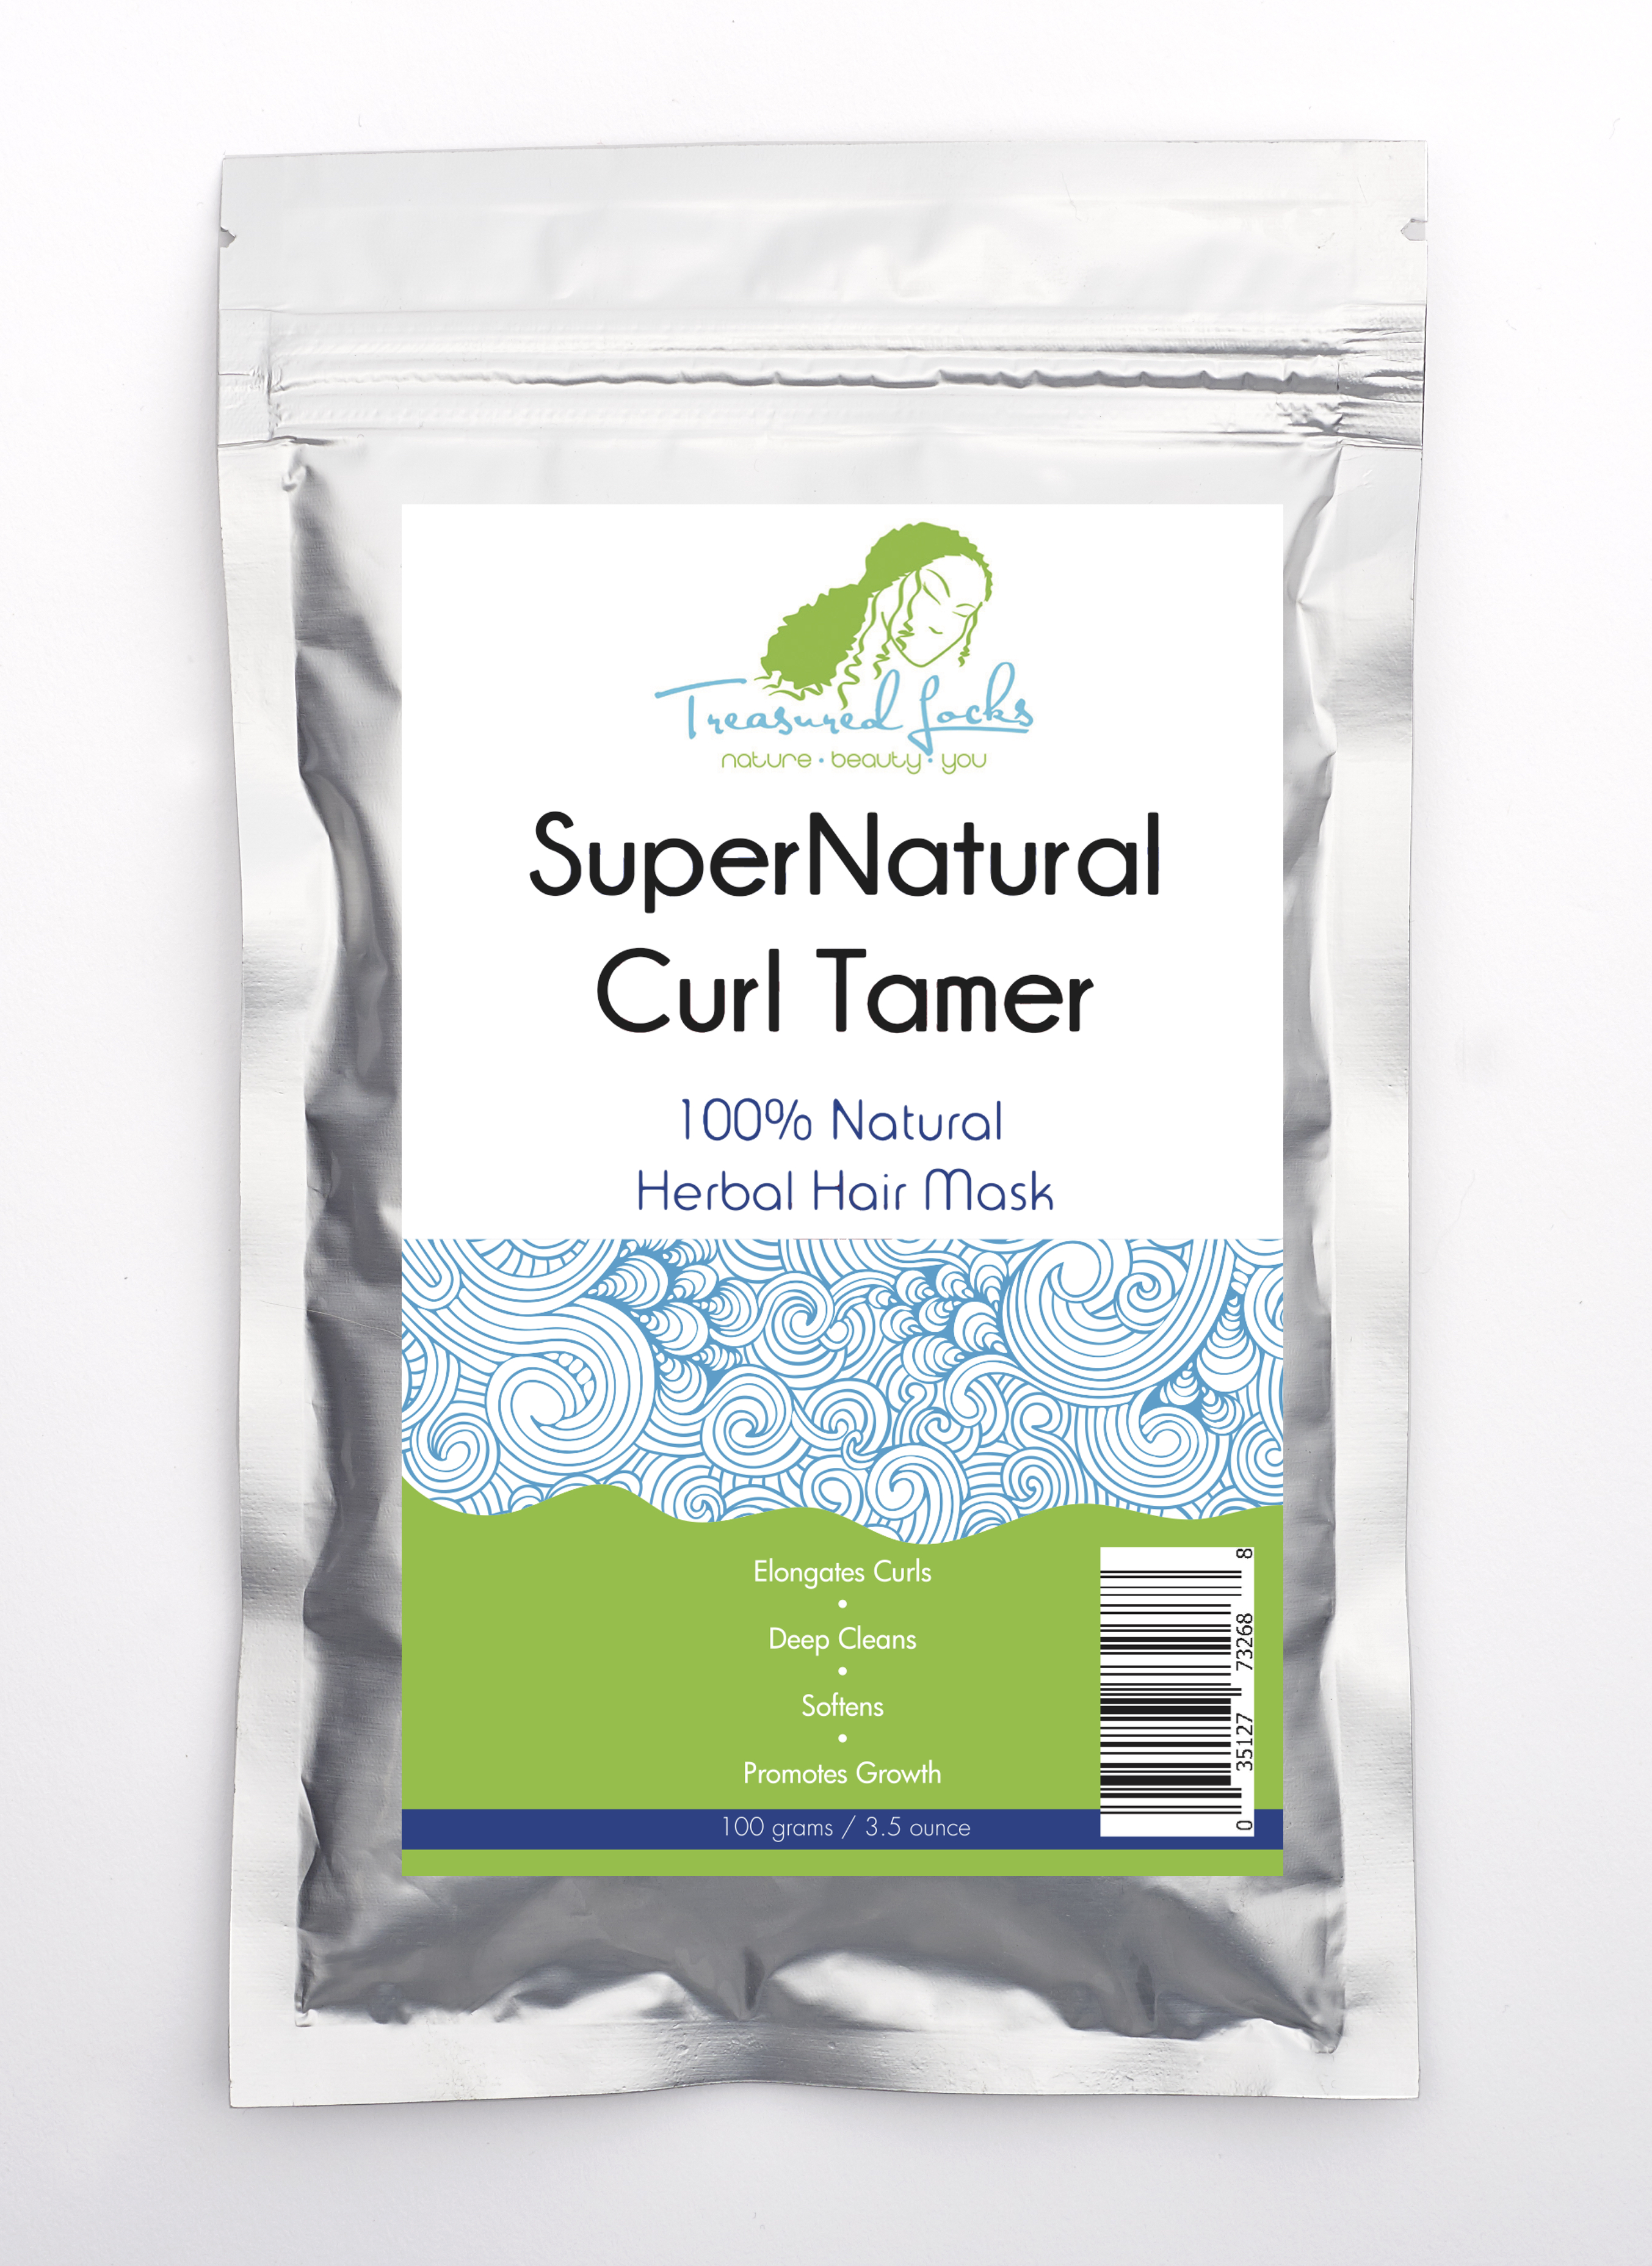 SuperNatural Curl Tamer